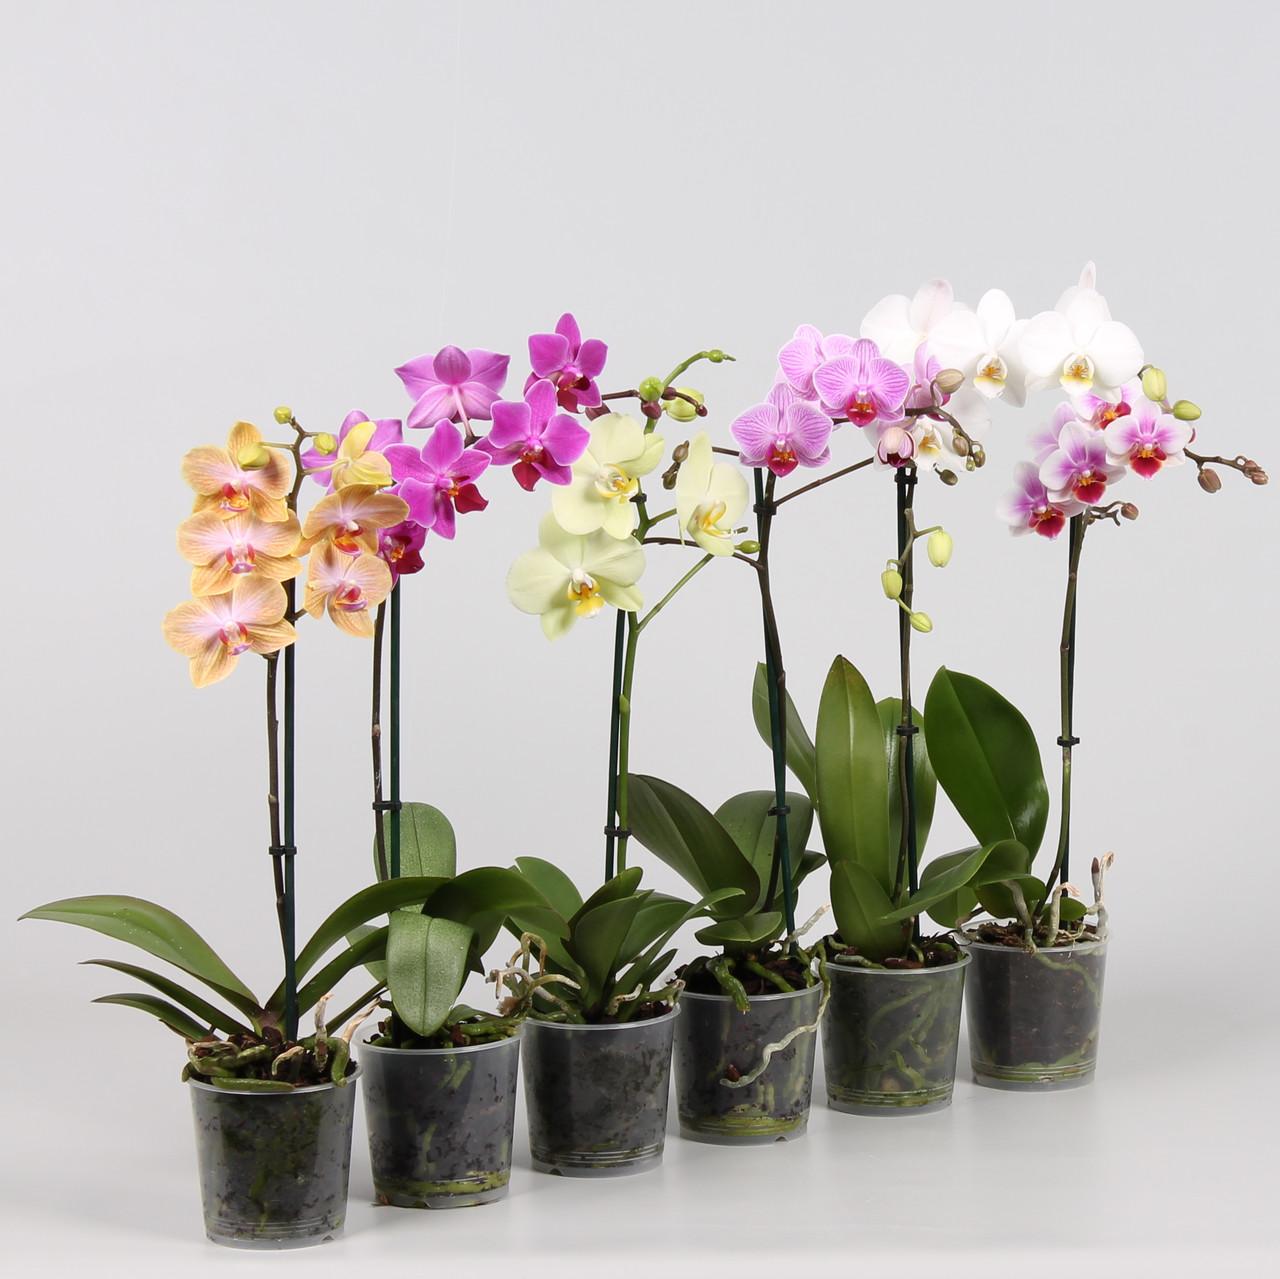 Орхидея фаленопсис. Высота: 55см. Диаметр горшка: 12см.